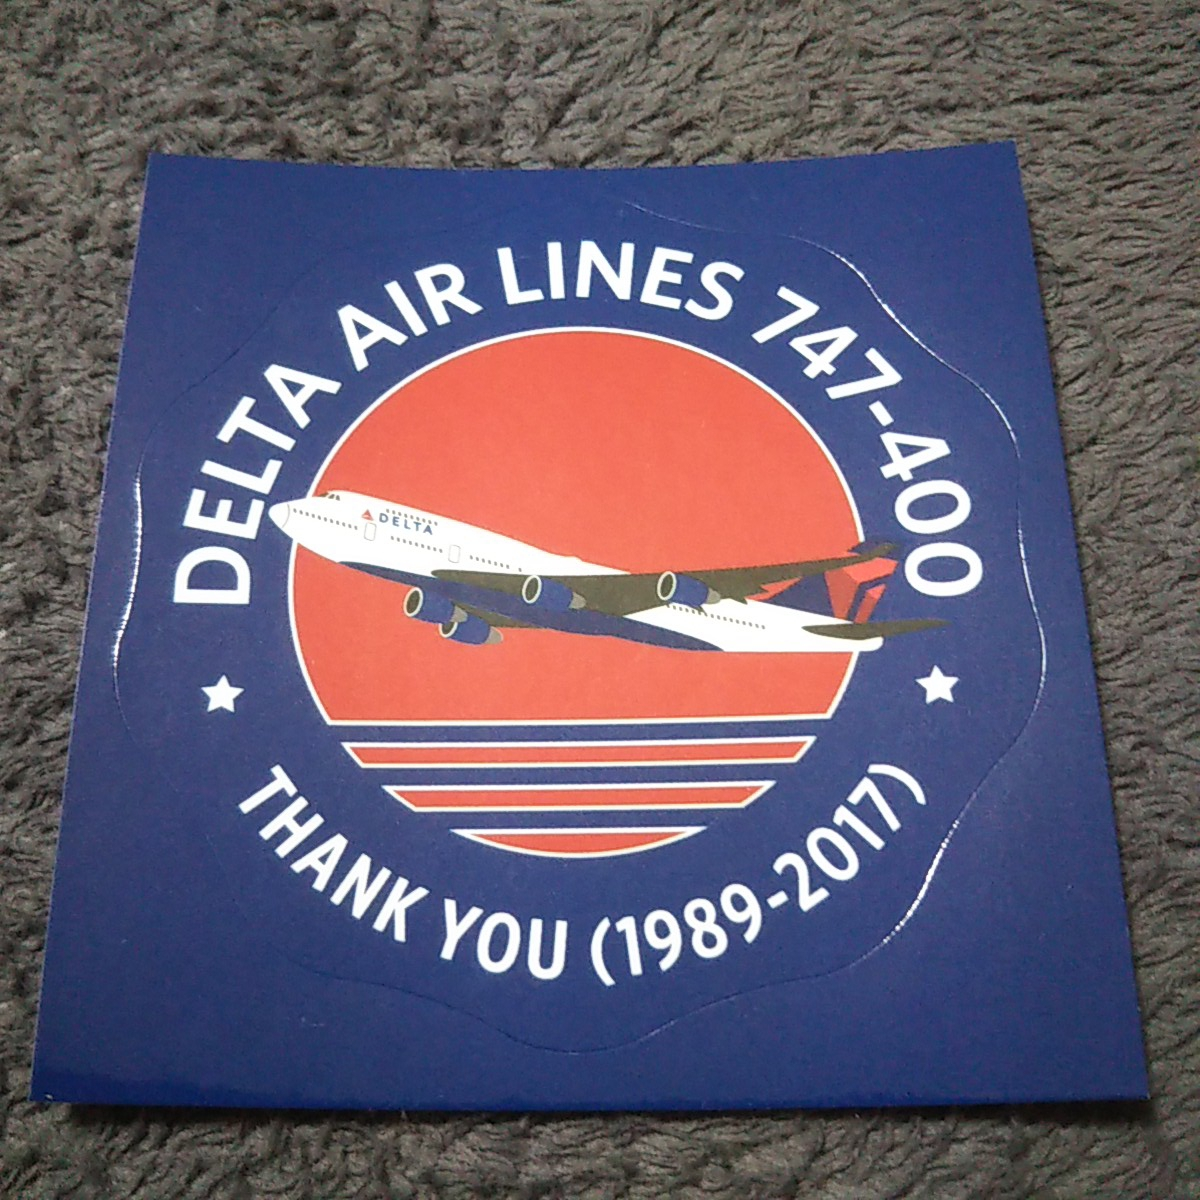 2020年デルタ成田撤退?激レア品!! デルタ航空 DELTA AIRLINES B747-400 ジャンボ退役記念 非売品ステッカー_画像1